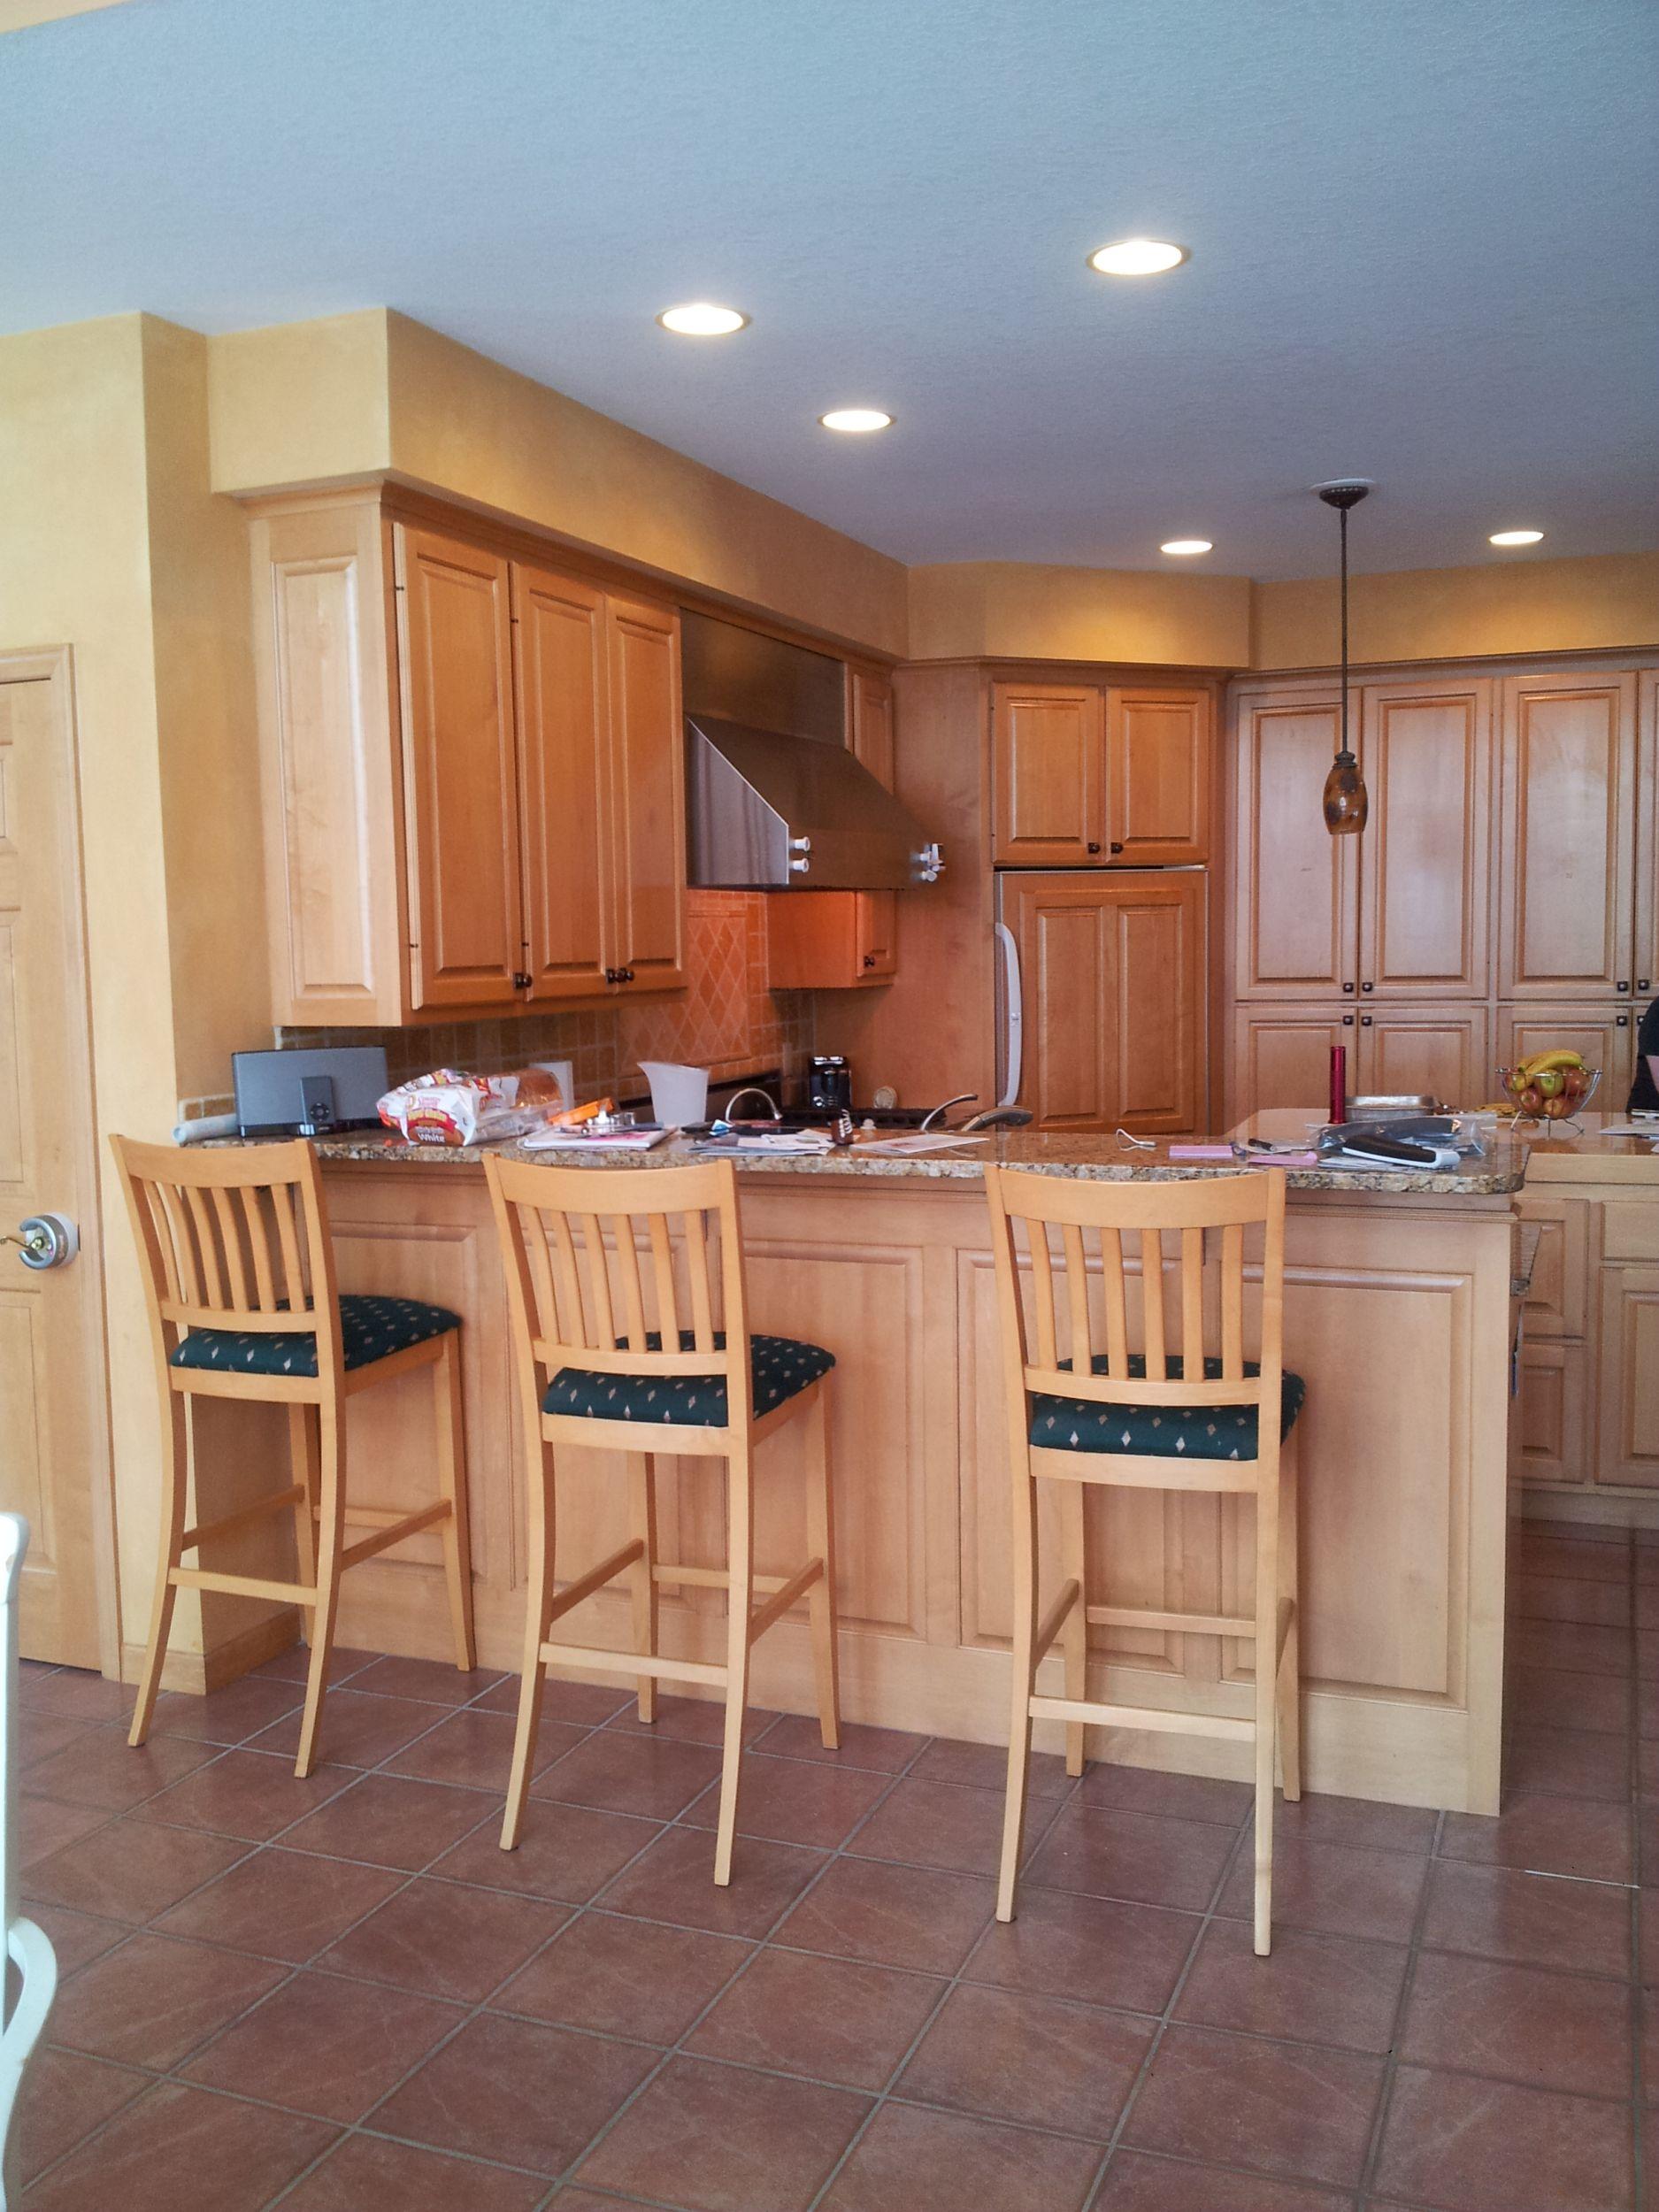 anderson-mcallister_kitchen_before_8.jpg